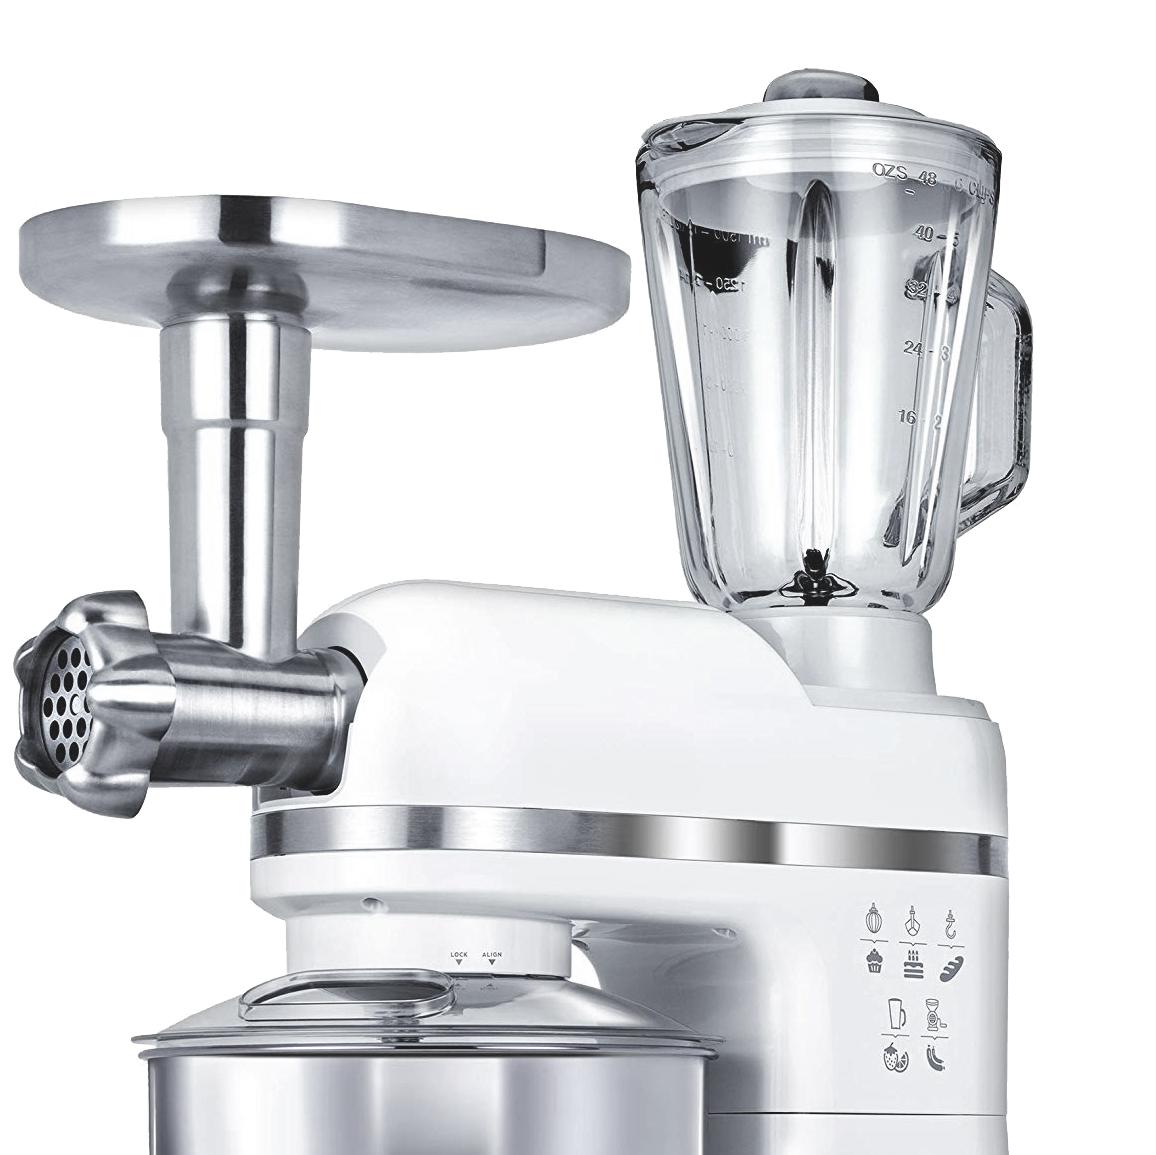 MPM MRK-15 Batidora Robot Cocina Orbital Profesional , Amasadora repostería, Picadora Carne, Batidora Vaso 1.5L, Velocidad electrónica, 4 litros, 1200W, Blanco